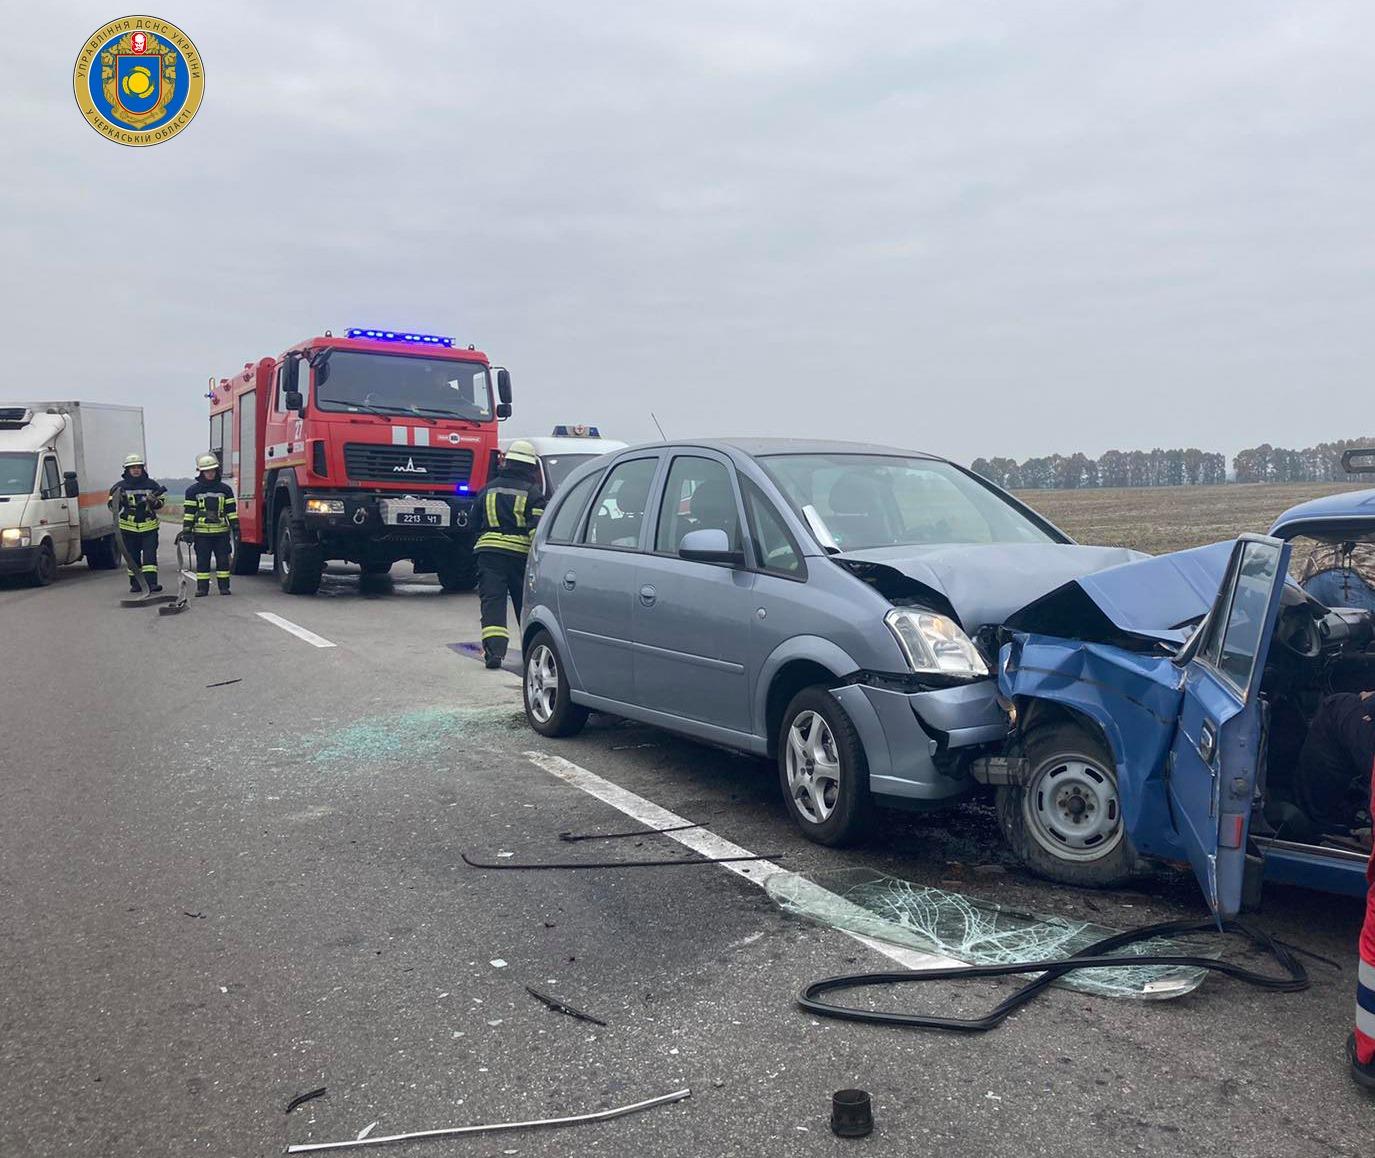 Рятувальники деблокували двох потерпілих, яких внаслідок ДТП затисло в авто